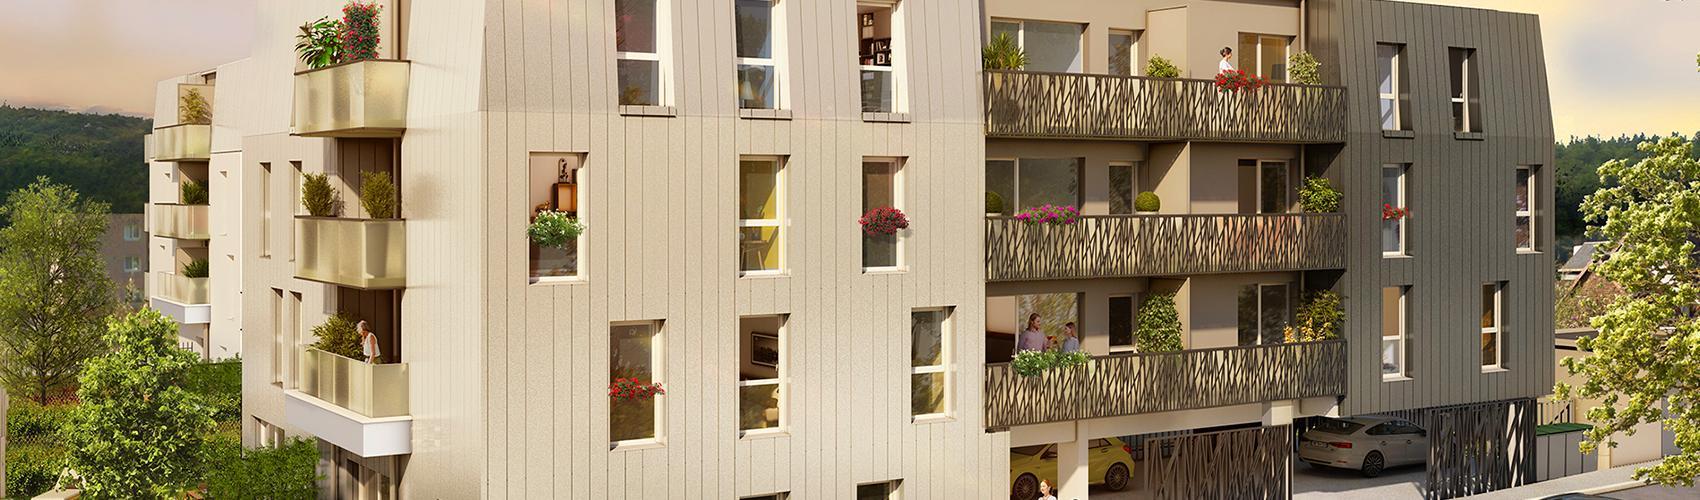 Photo du programme immobilier neuf NORM-1852 à Déville-lès-Rouen